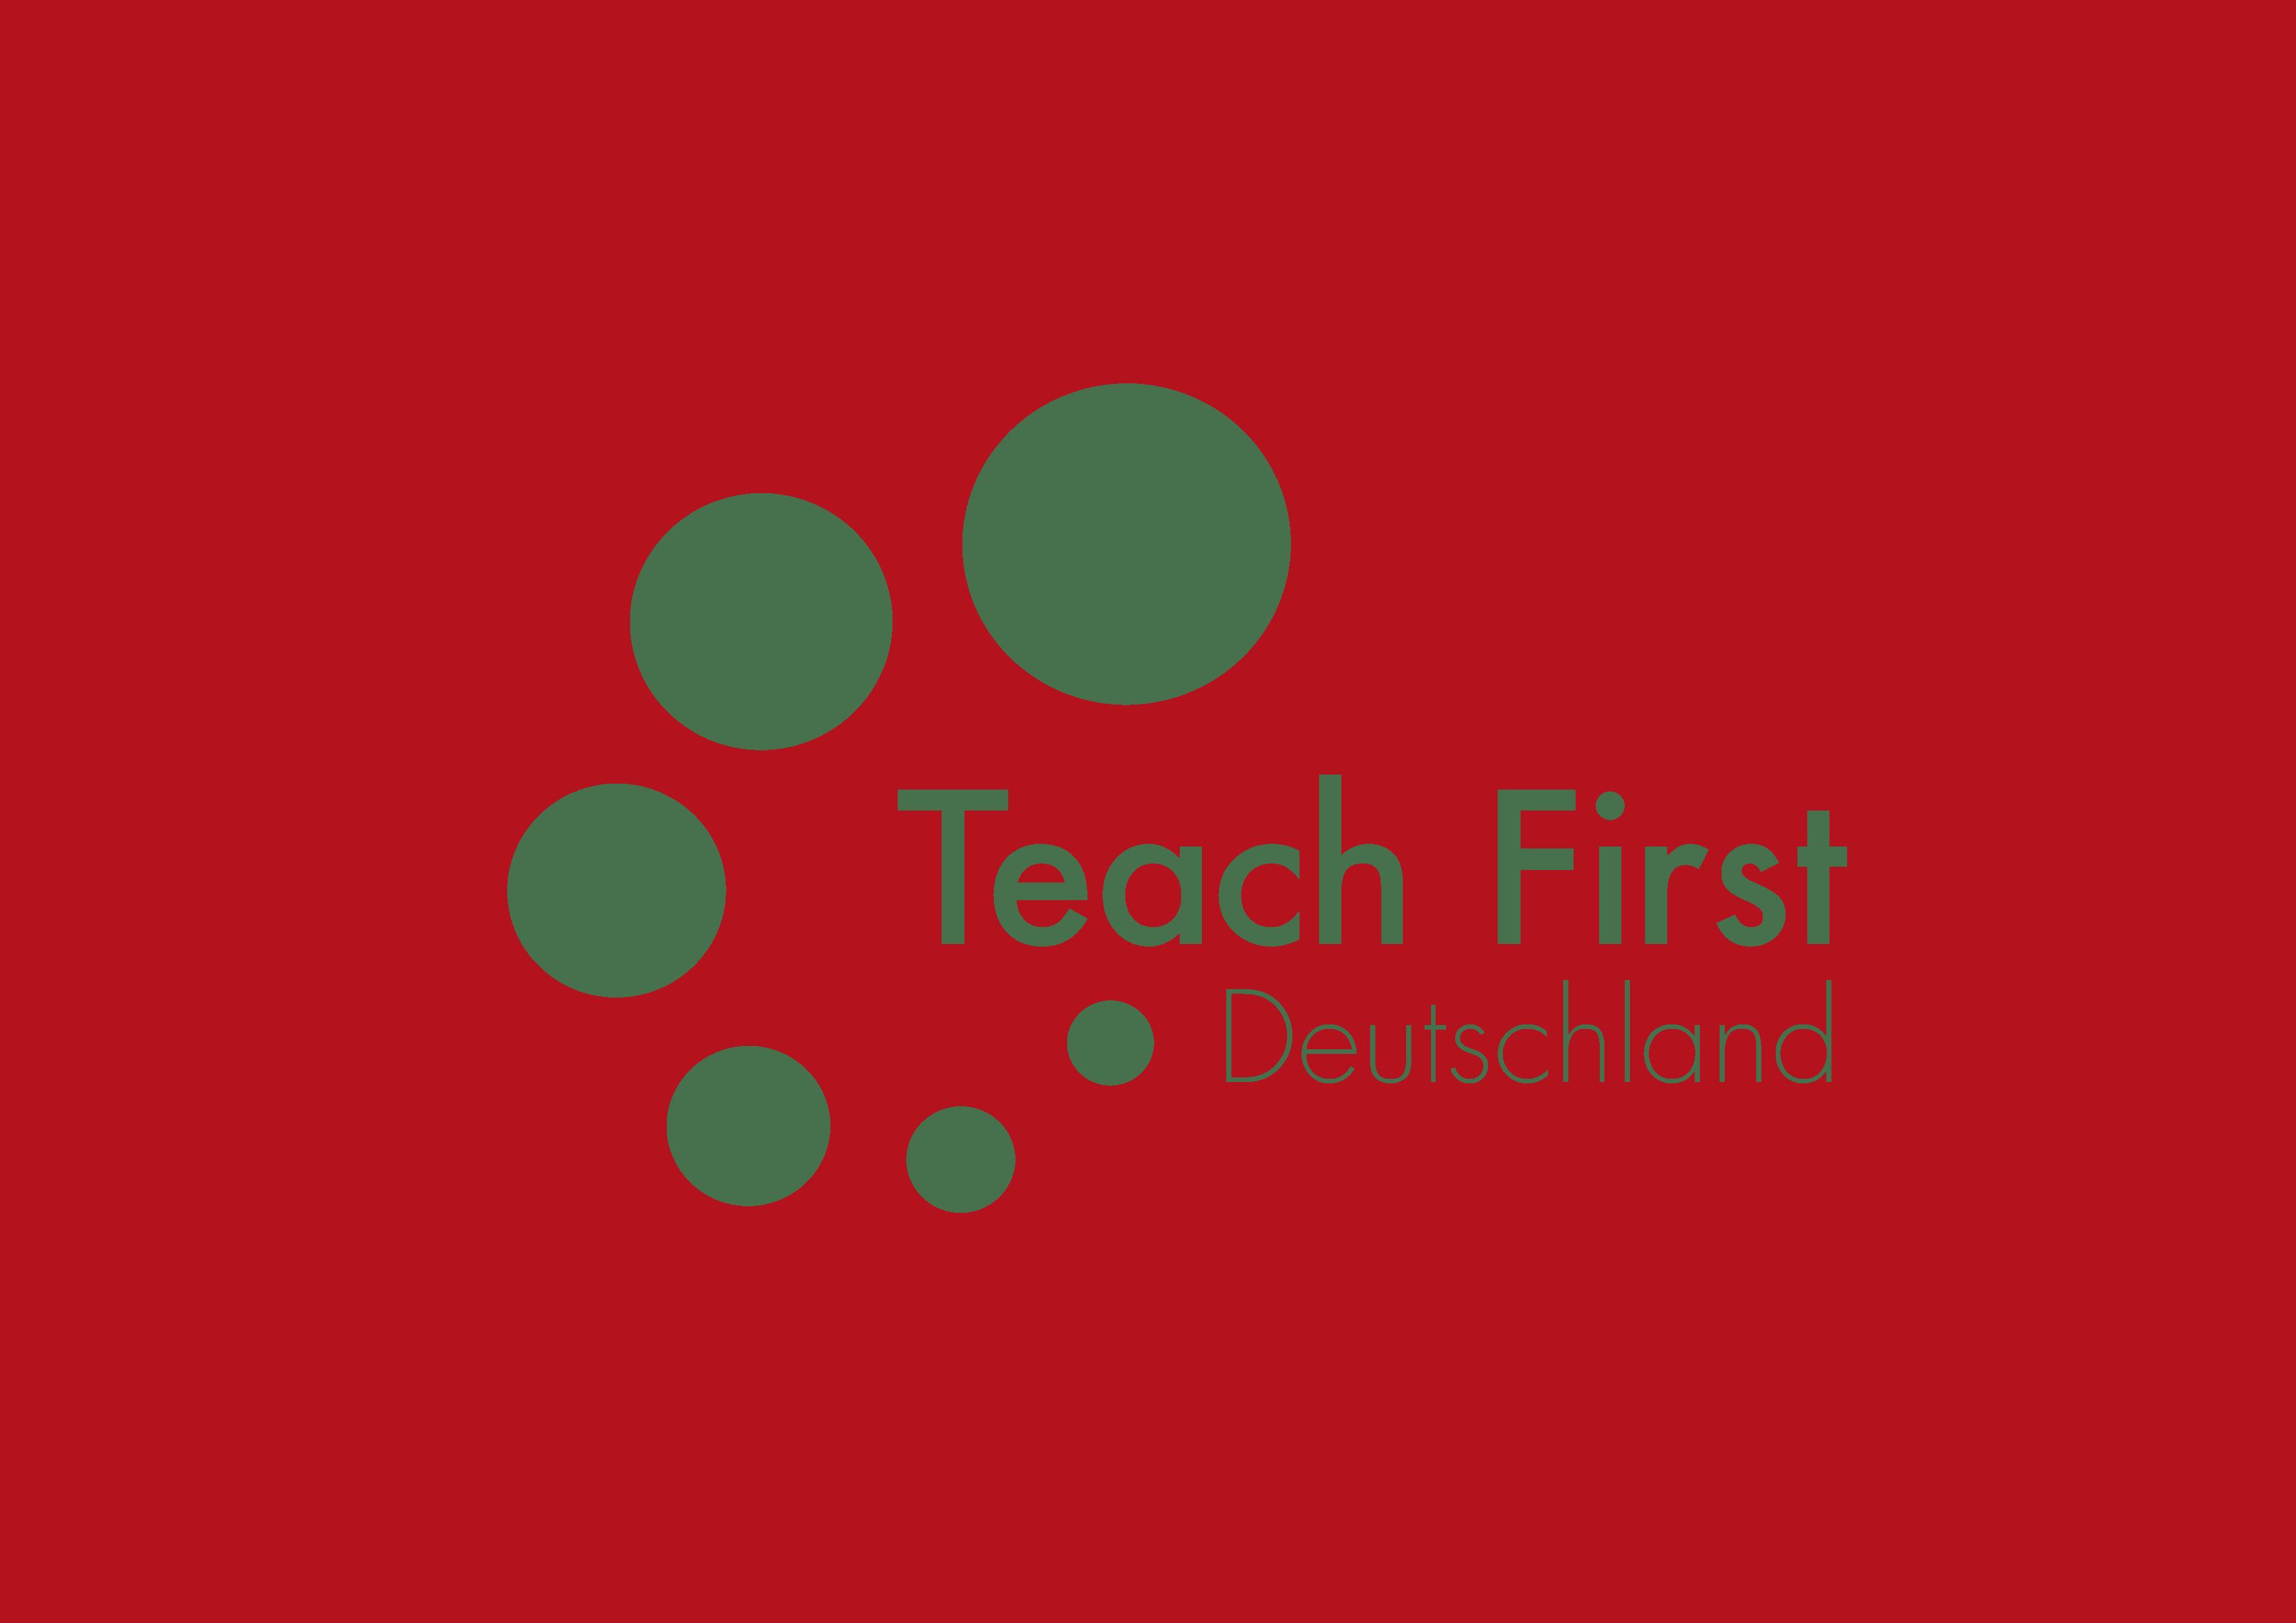 IN PLANUNG: 1. TalenteTag Rhein-Neckar: Teach First Deutschland (TFD) sucht Fellows für Jugendliche